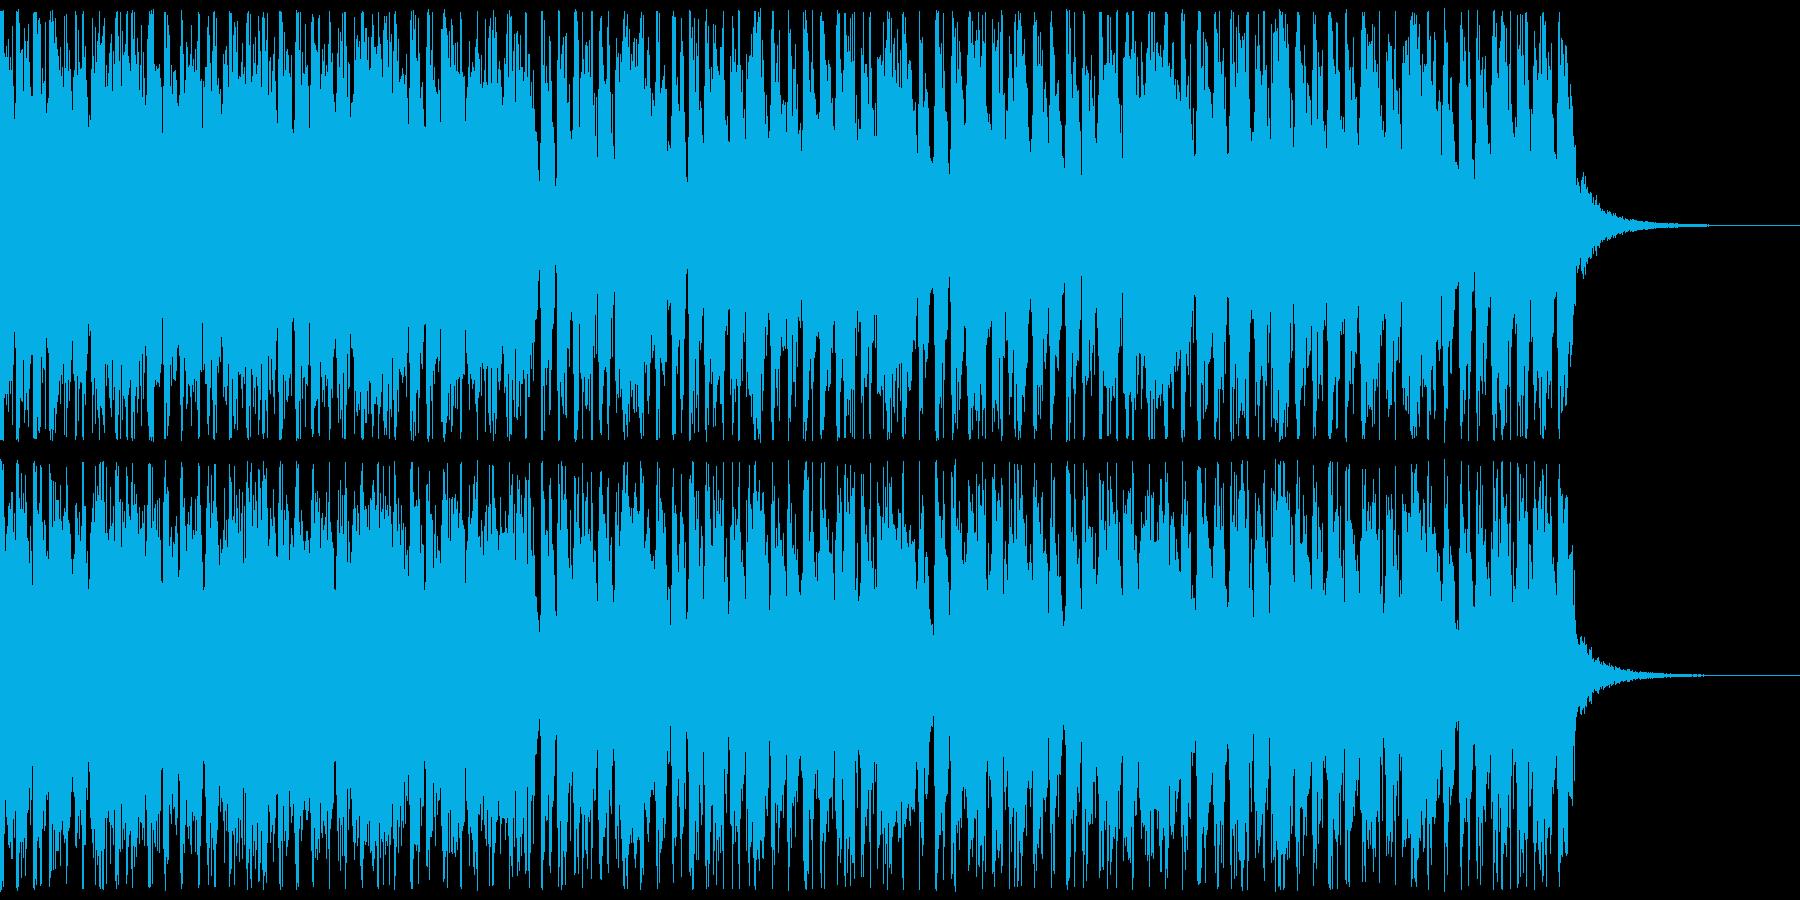 ノリノリ!アイドルロック風、走る躍る!Aの再生済みの波形